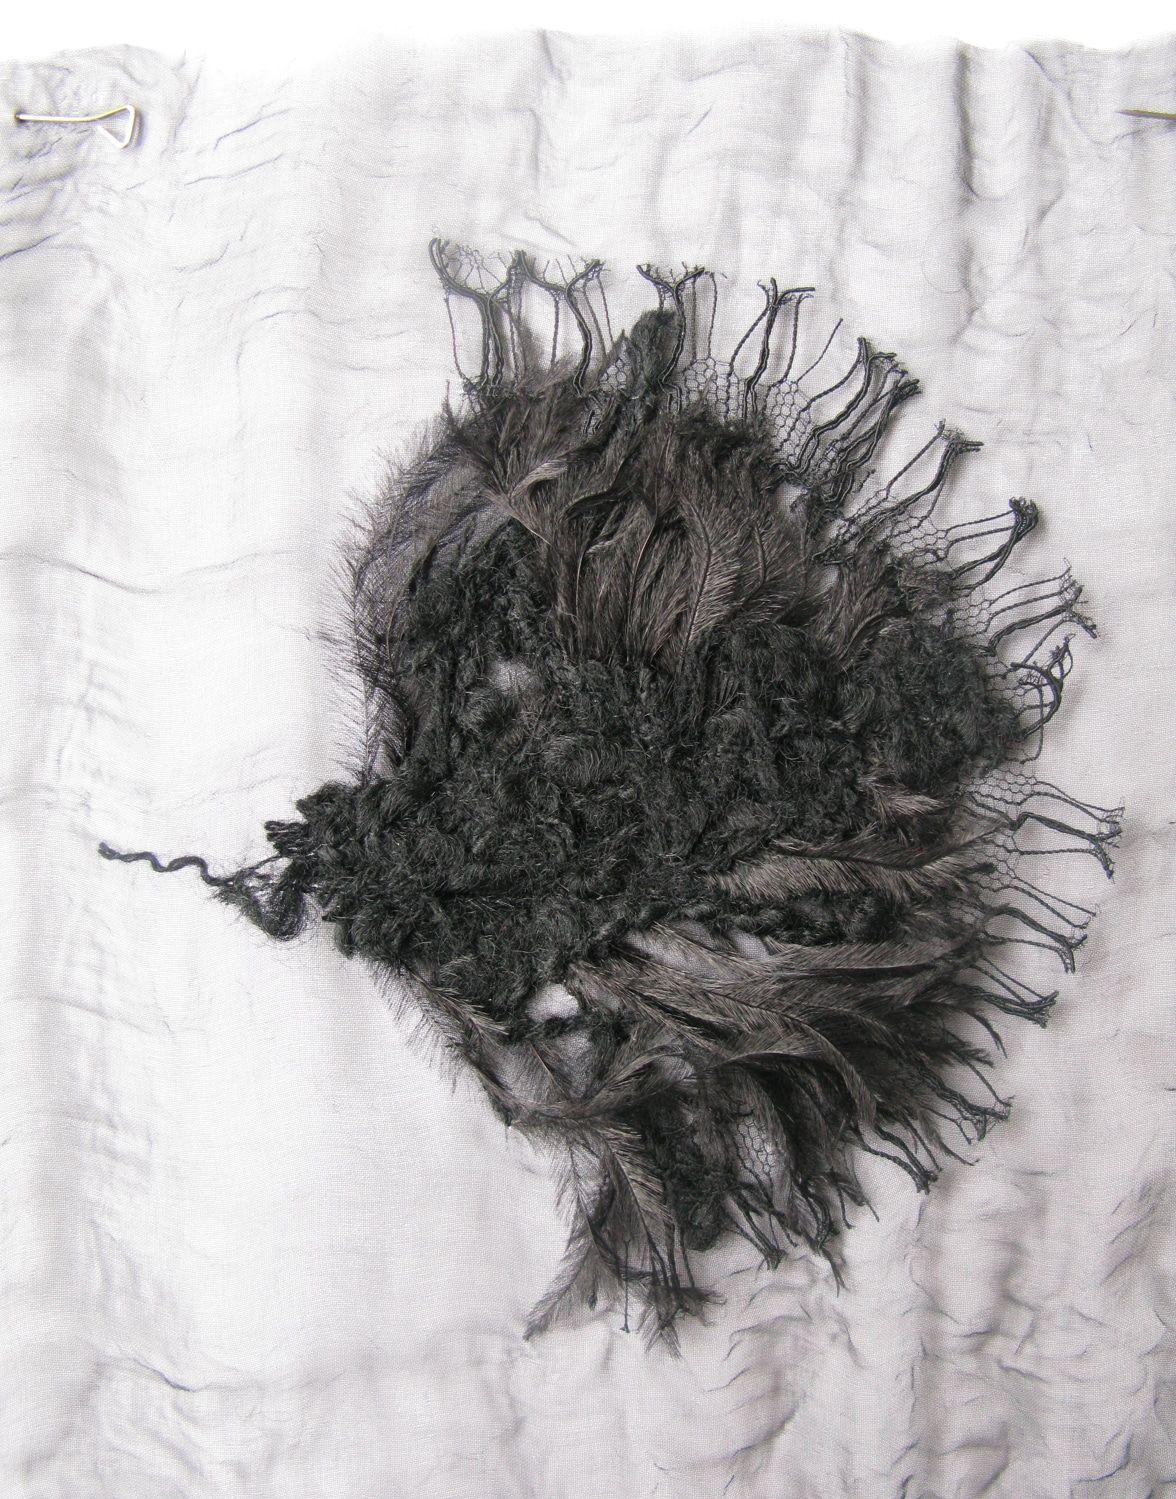 Essai studio – Broderies Louis Vuitton – Application plume dentelle et lainage – Automne-hiver 2010-11